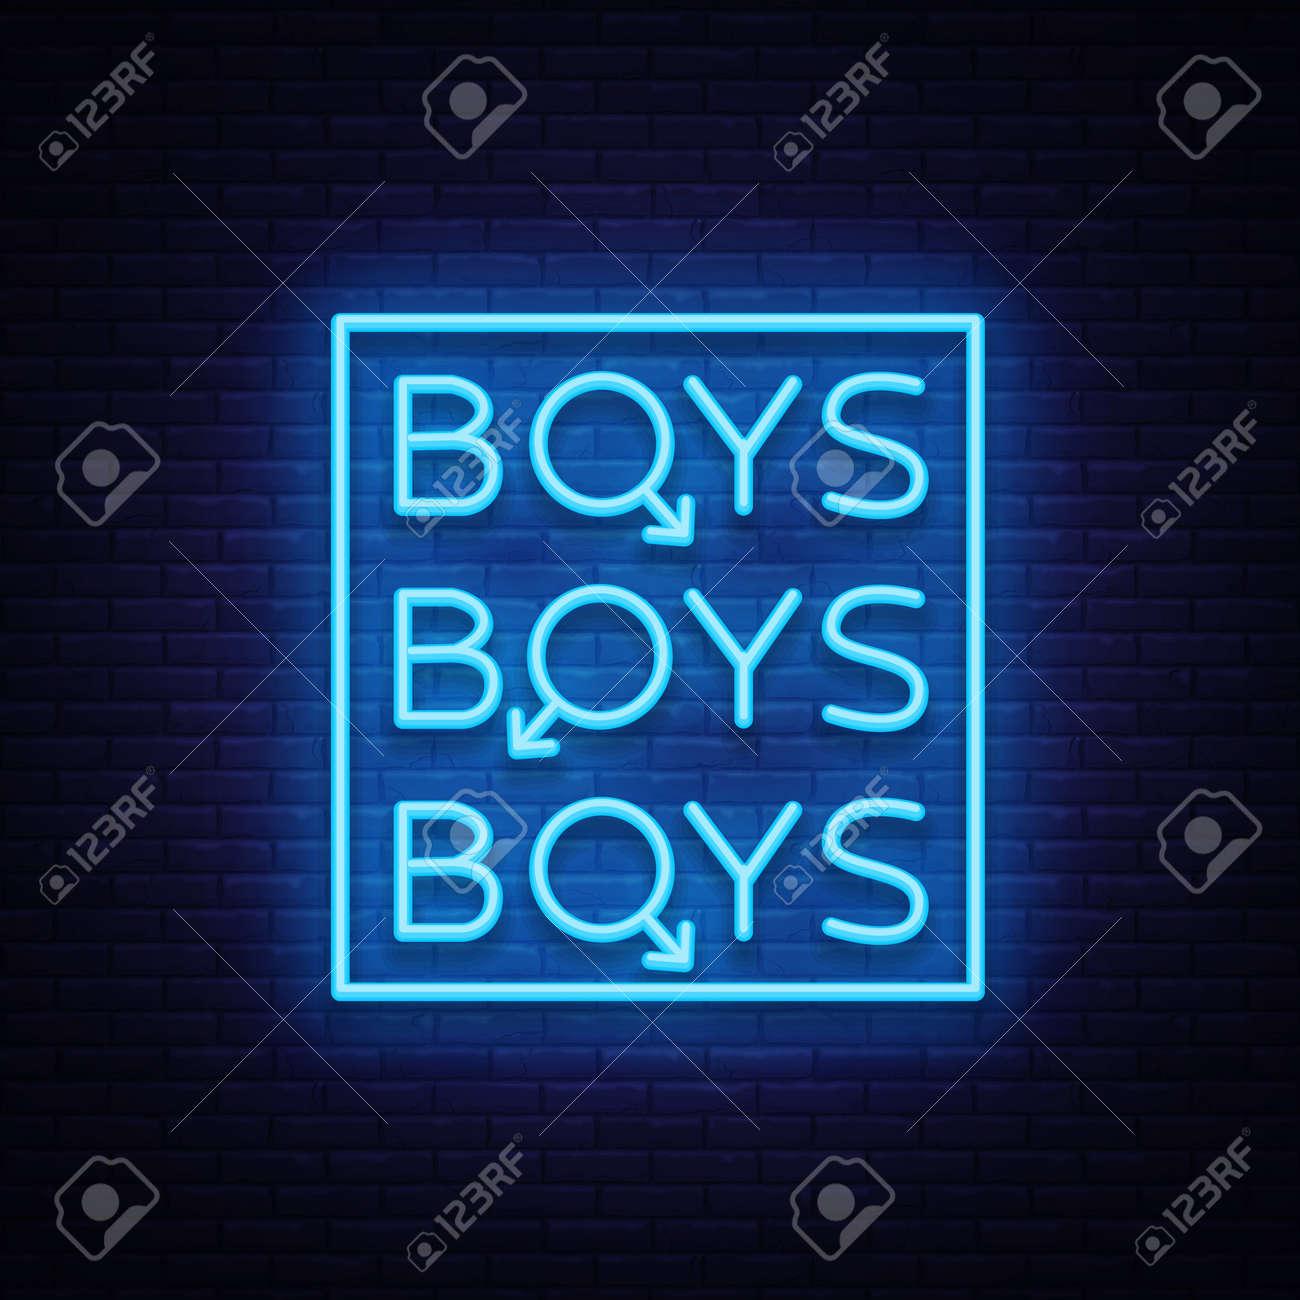 Jungen gay Jongens (TV